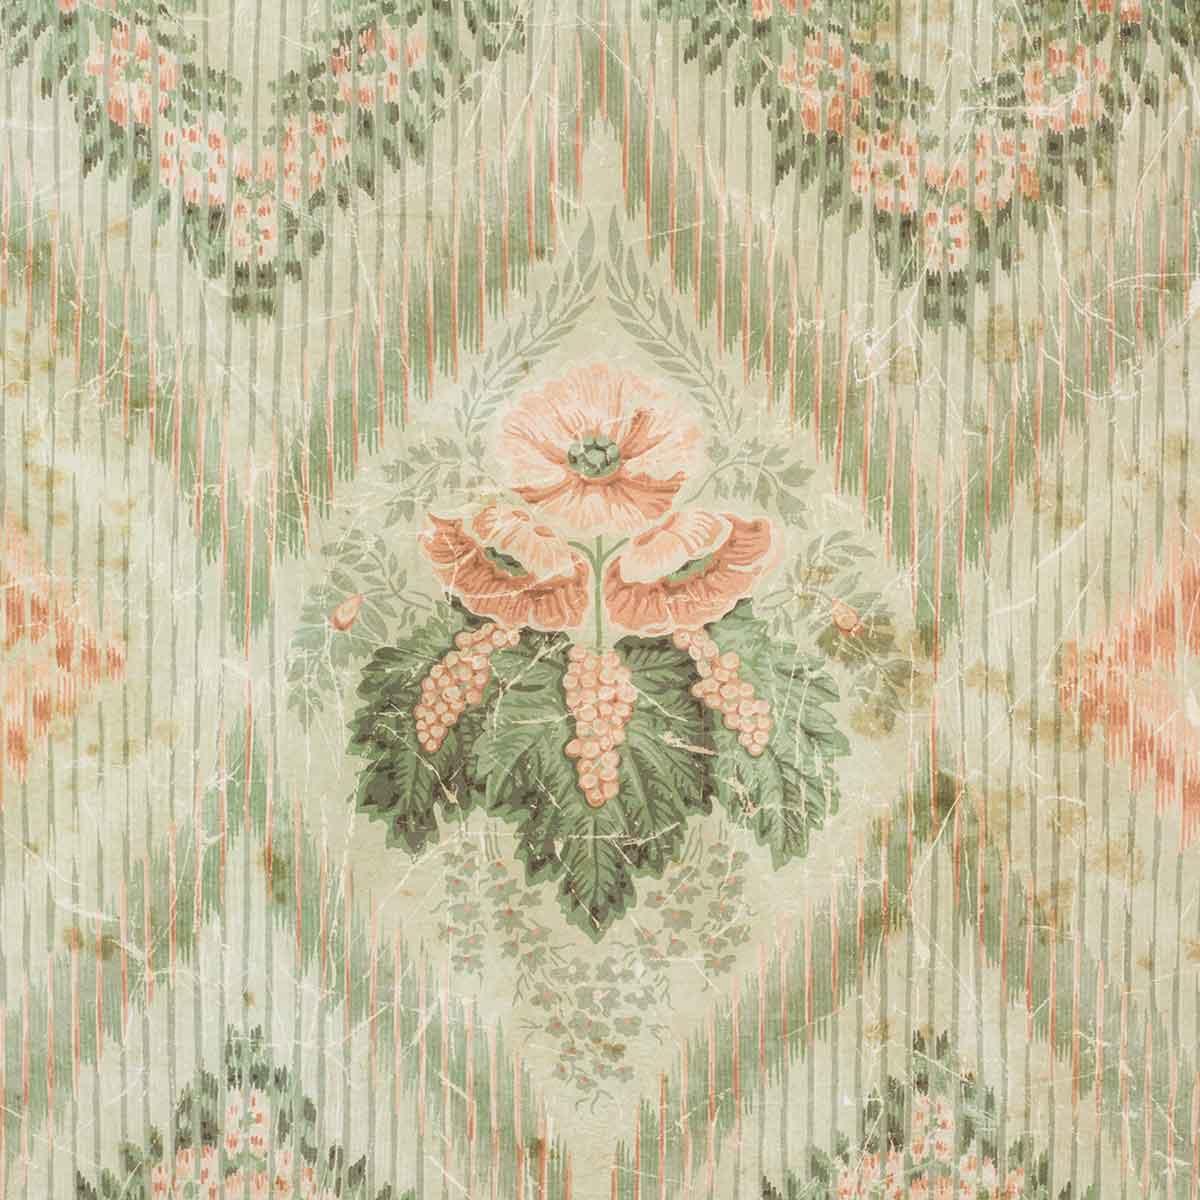 Papier peint texturé au desing vintage.